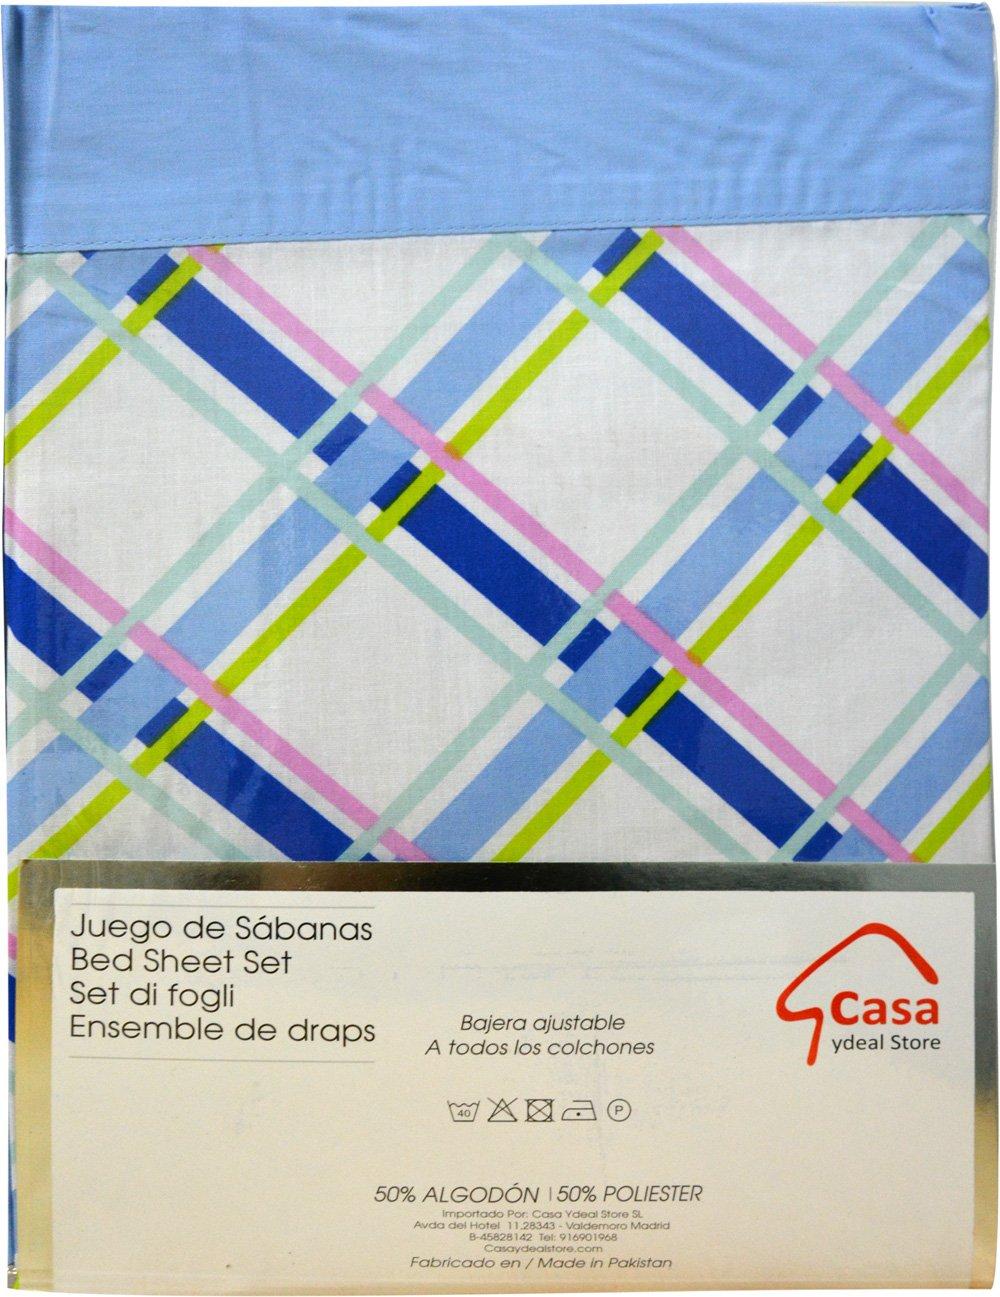 Casa Ydeal Store Juego de Sábanas Cuadros 50% algodón 50% poliéster (105cm, Azul): Amazon.es: Hogar